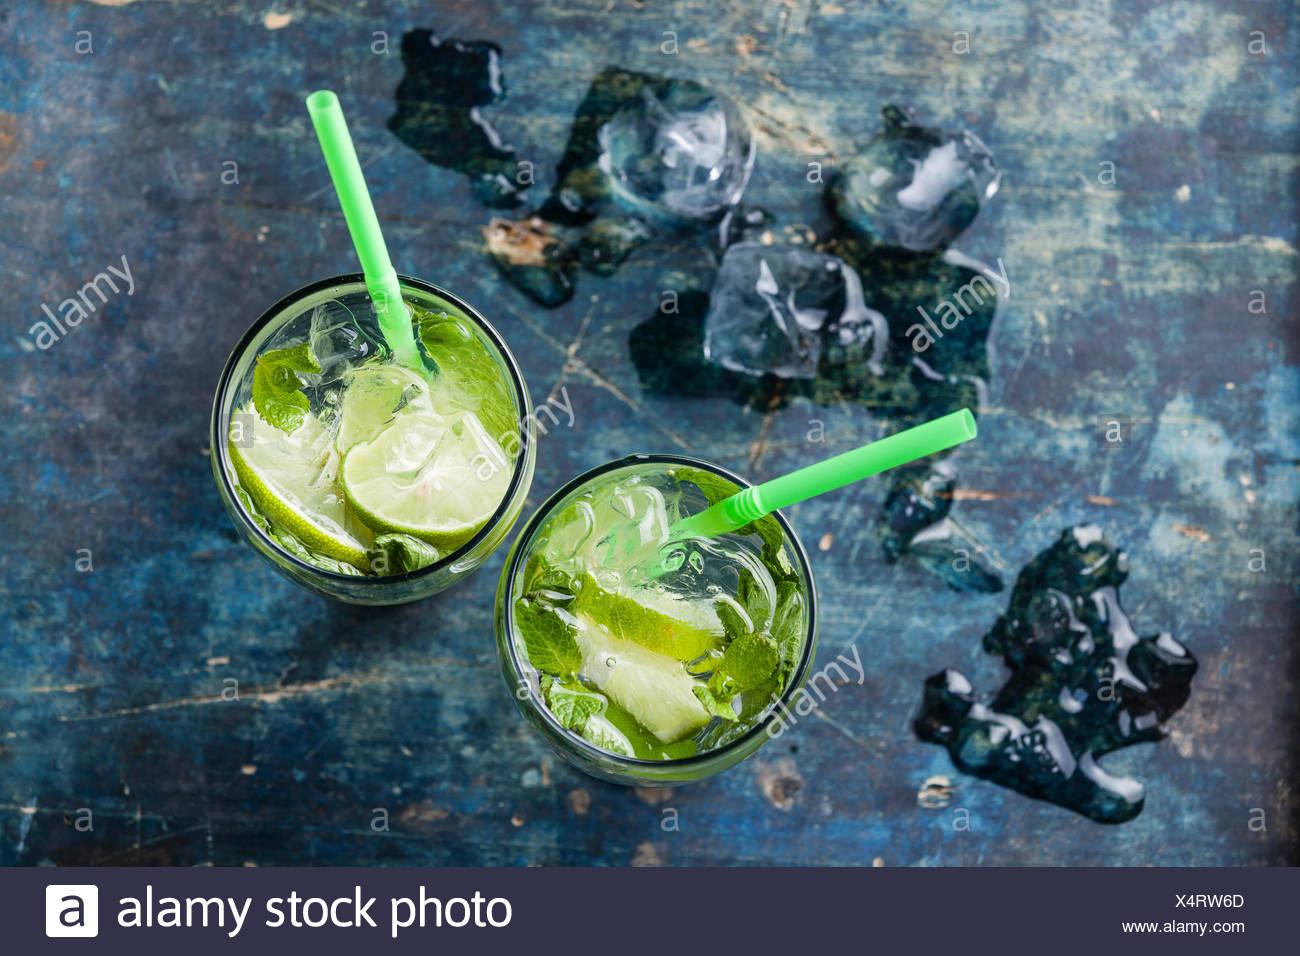 Glas Eistee Mojito cocktail mit Minze auf blauem Hintergrund Stockbild